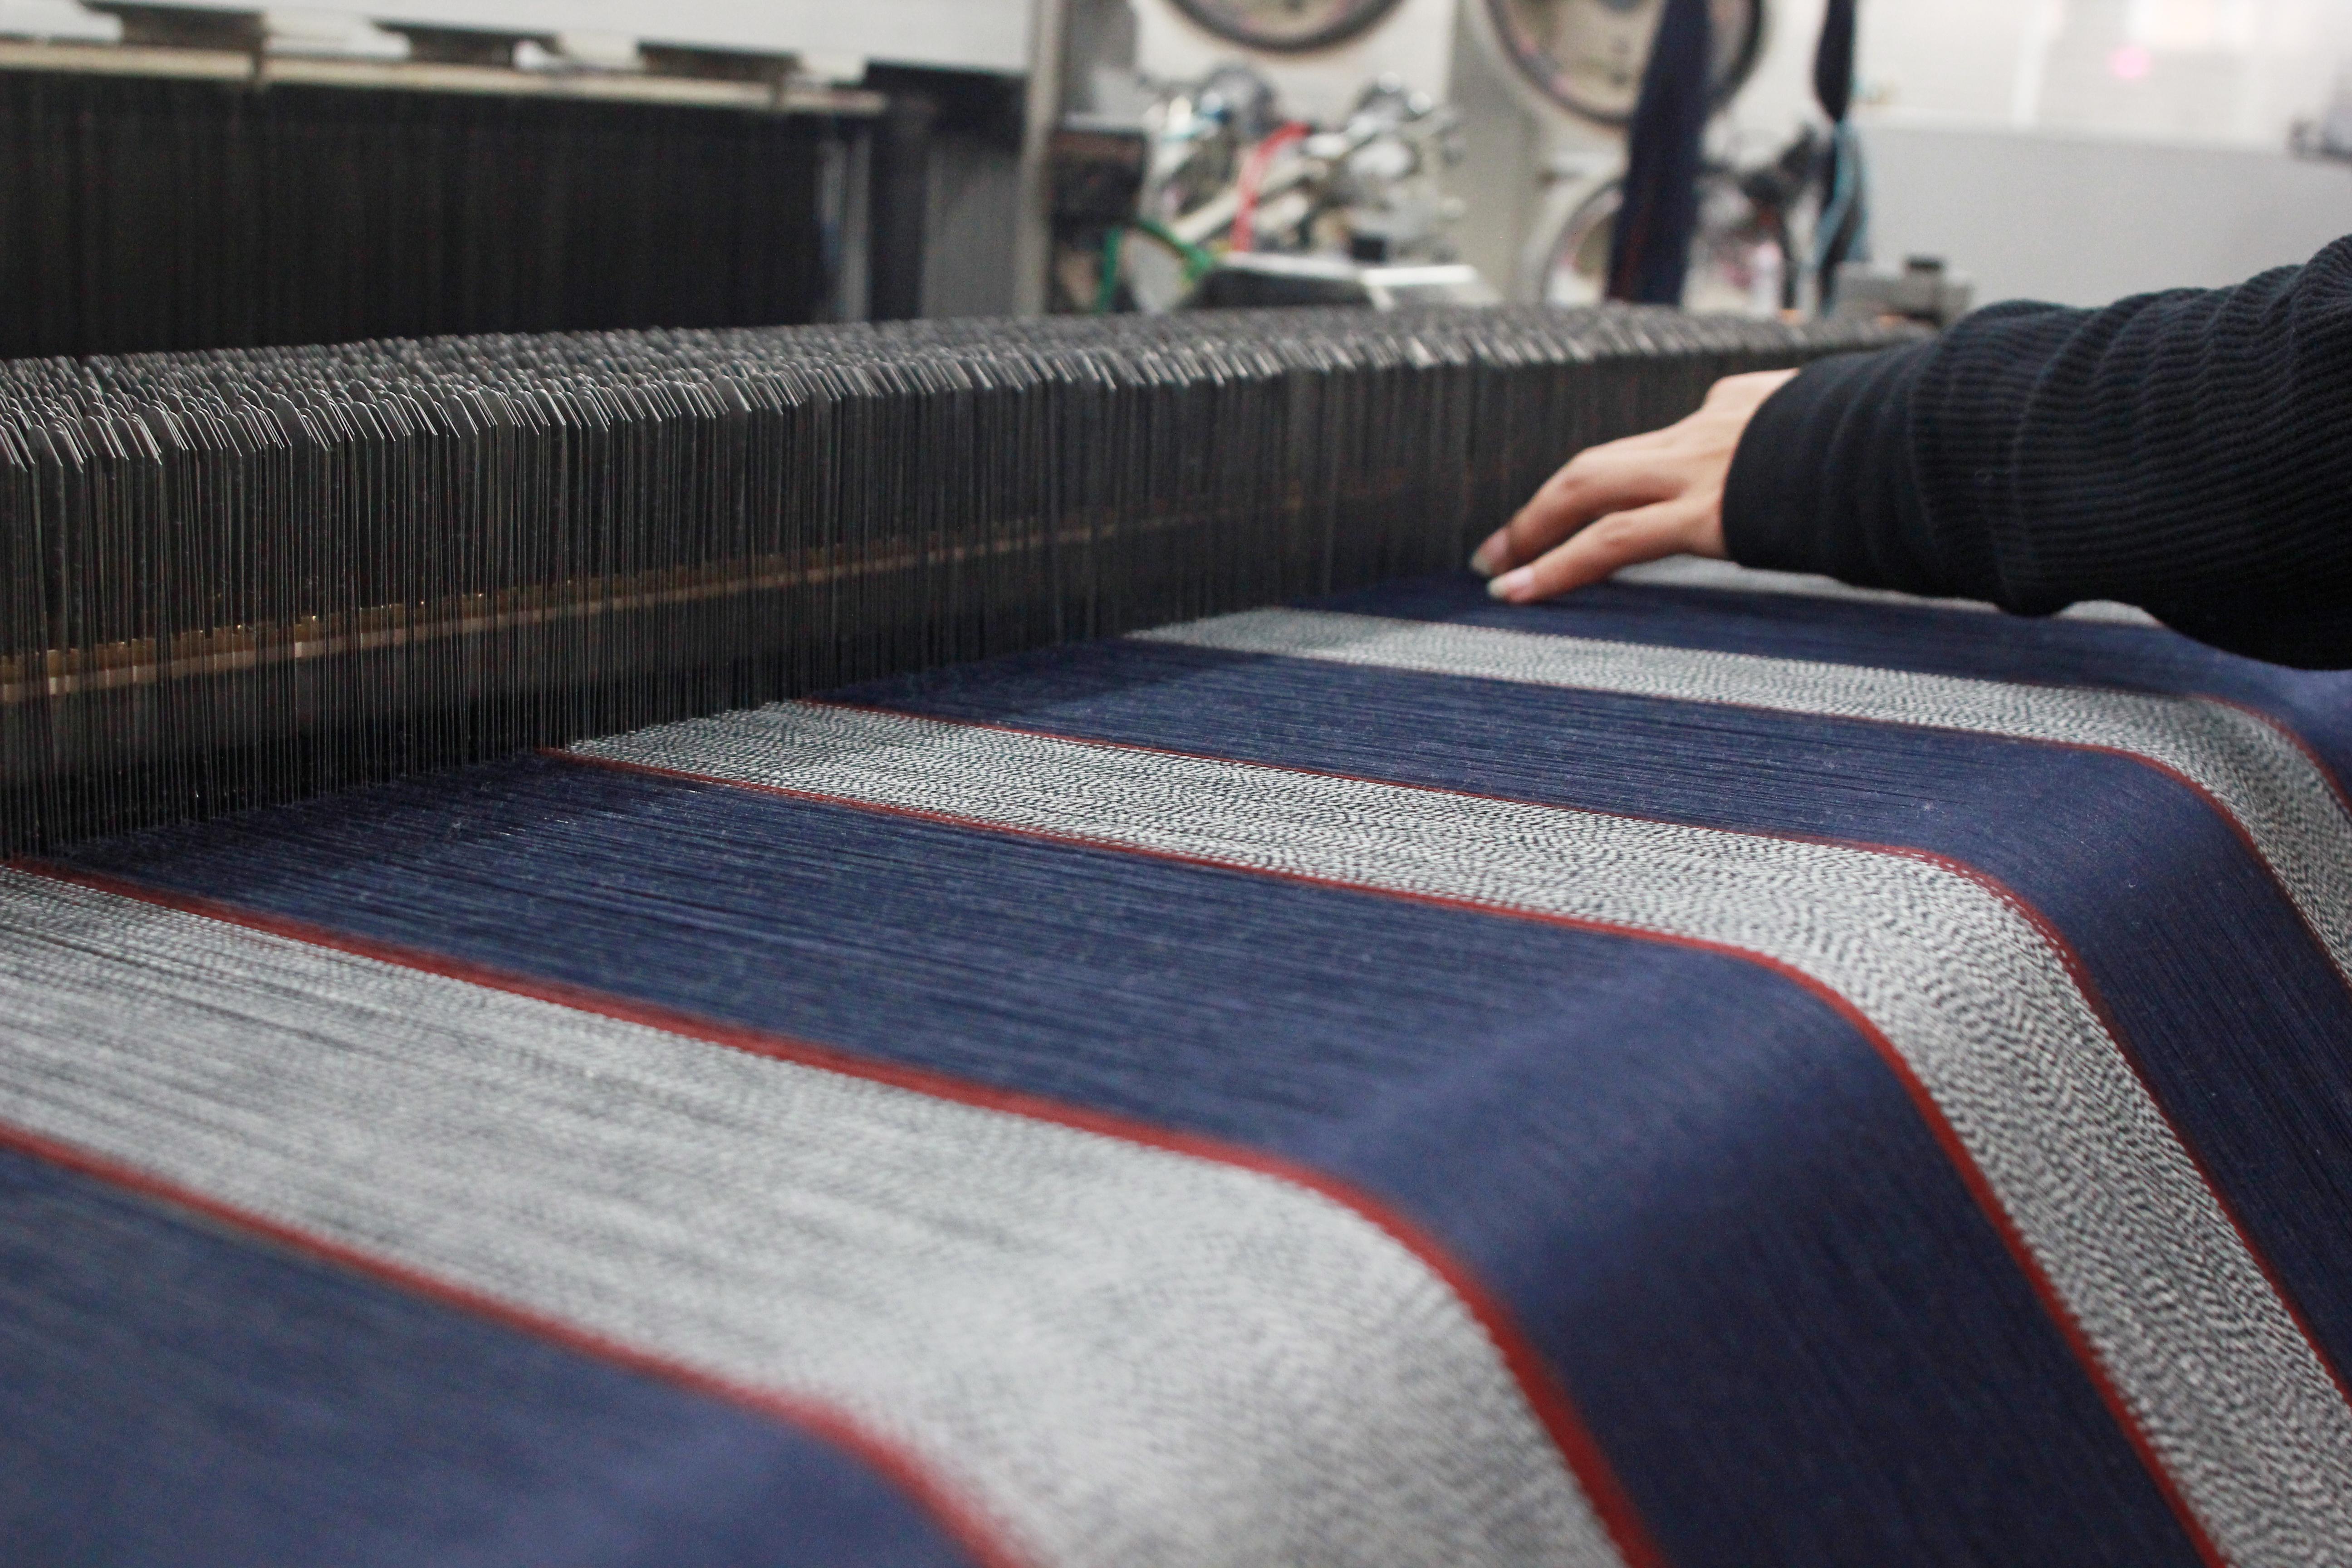 織機の細かく複雑な動きから、さまざまな柄が生まれていく。